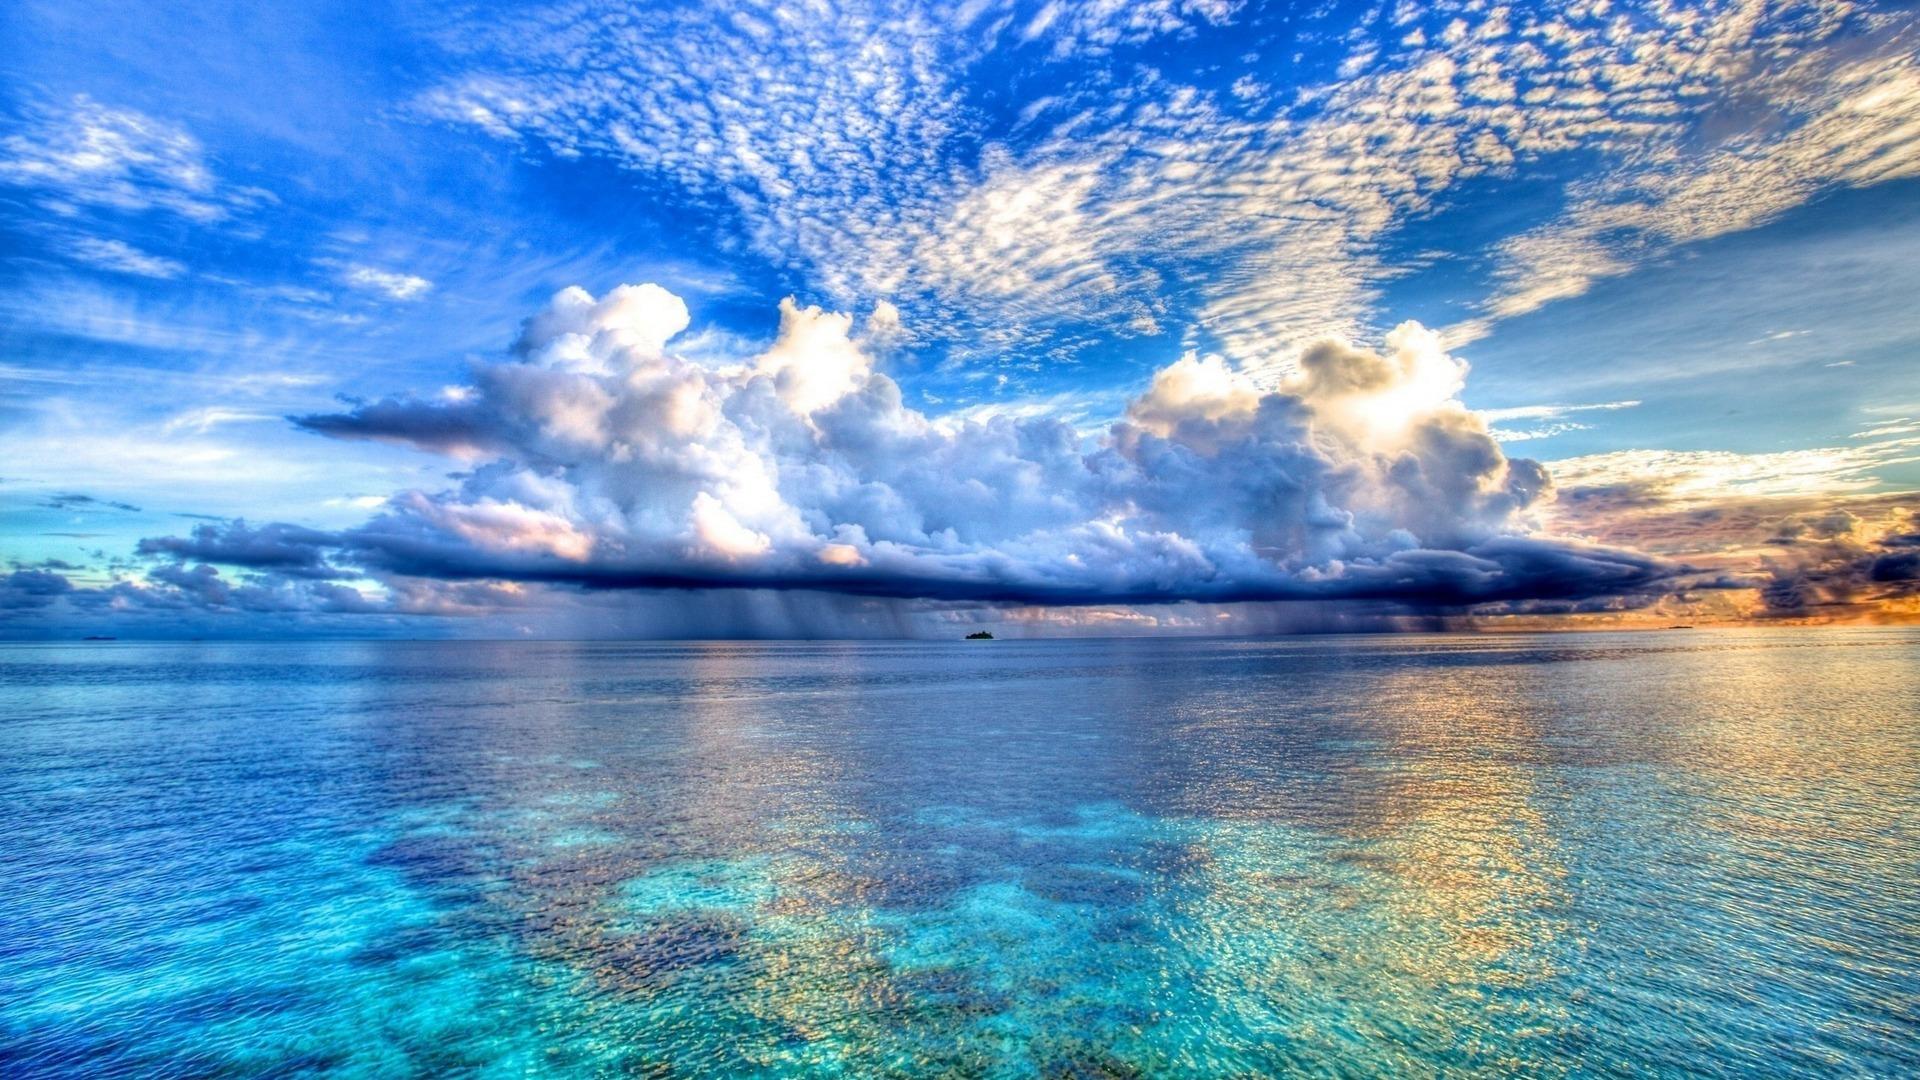 Ocean-Wallpapers